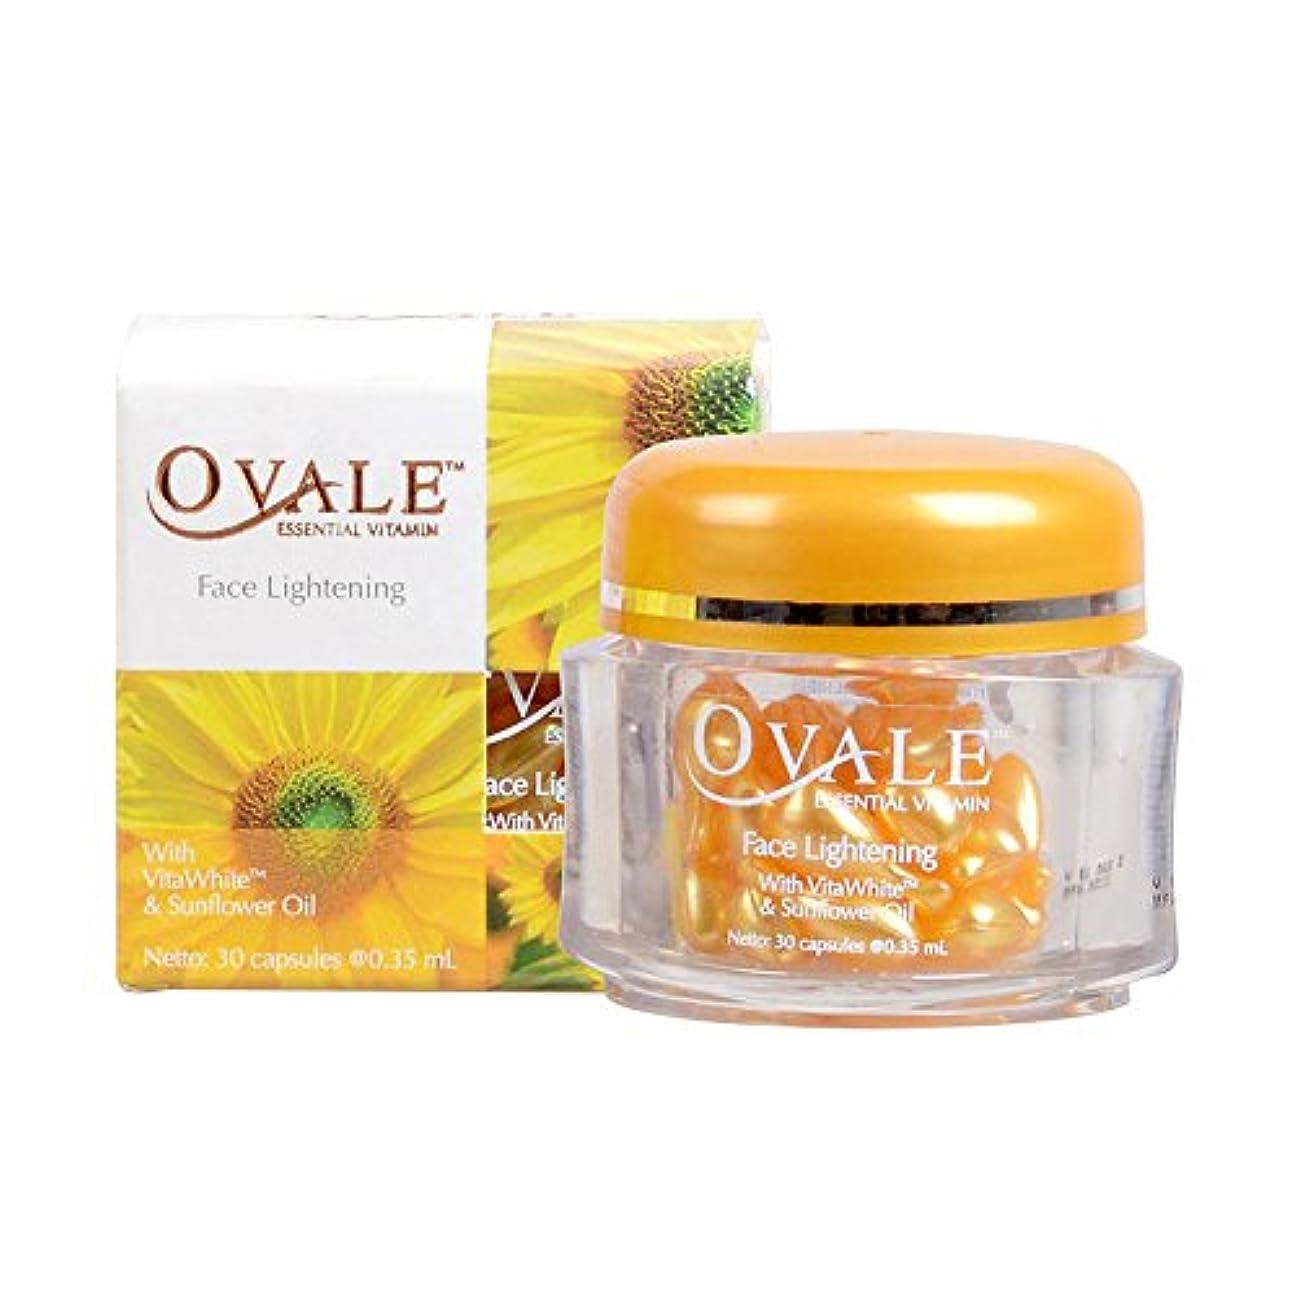 やろう類推勤勉Ovale オーバル フェイシャル美容液 essential vitamin エッセンシャルビタミン 30粒入ボトル×2個 サンフラワー [海外直送品]